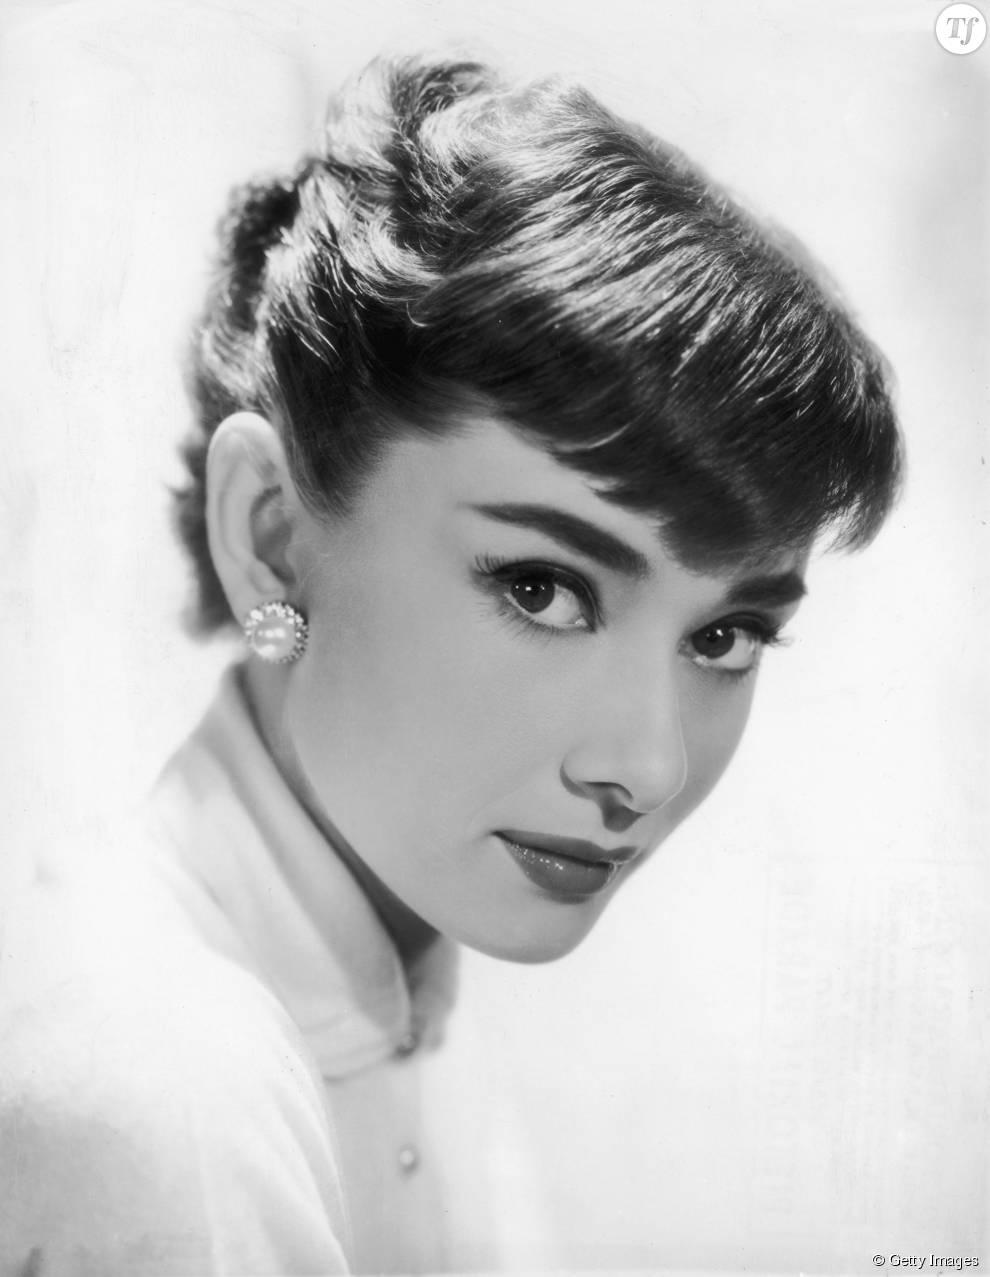 Audrey Hepburn Et Son Chignon Banane A Frange Bcgb Dans Les Annees 50 Terrafemina